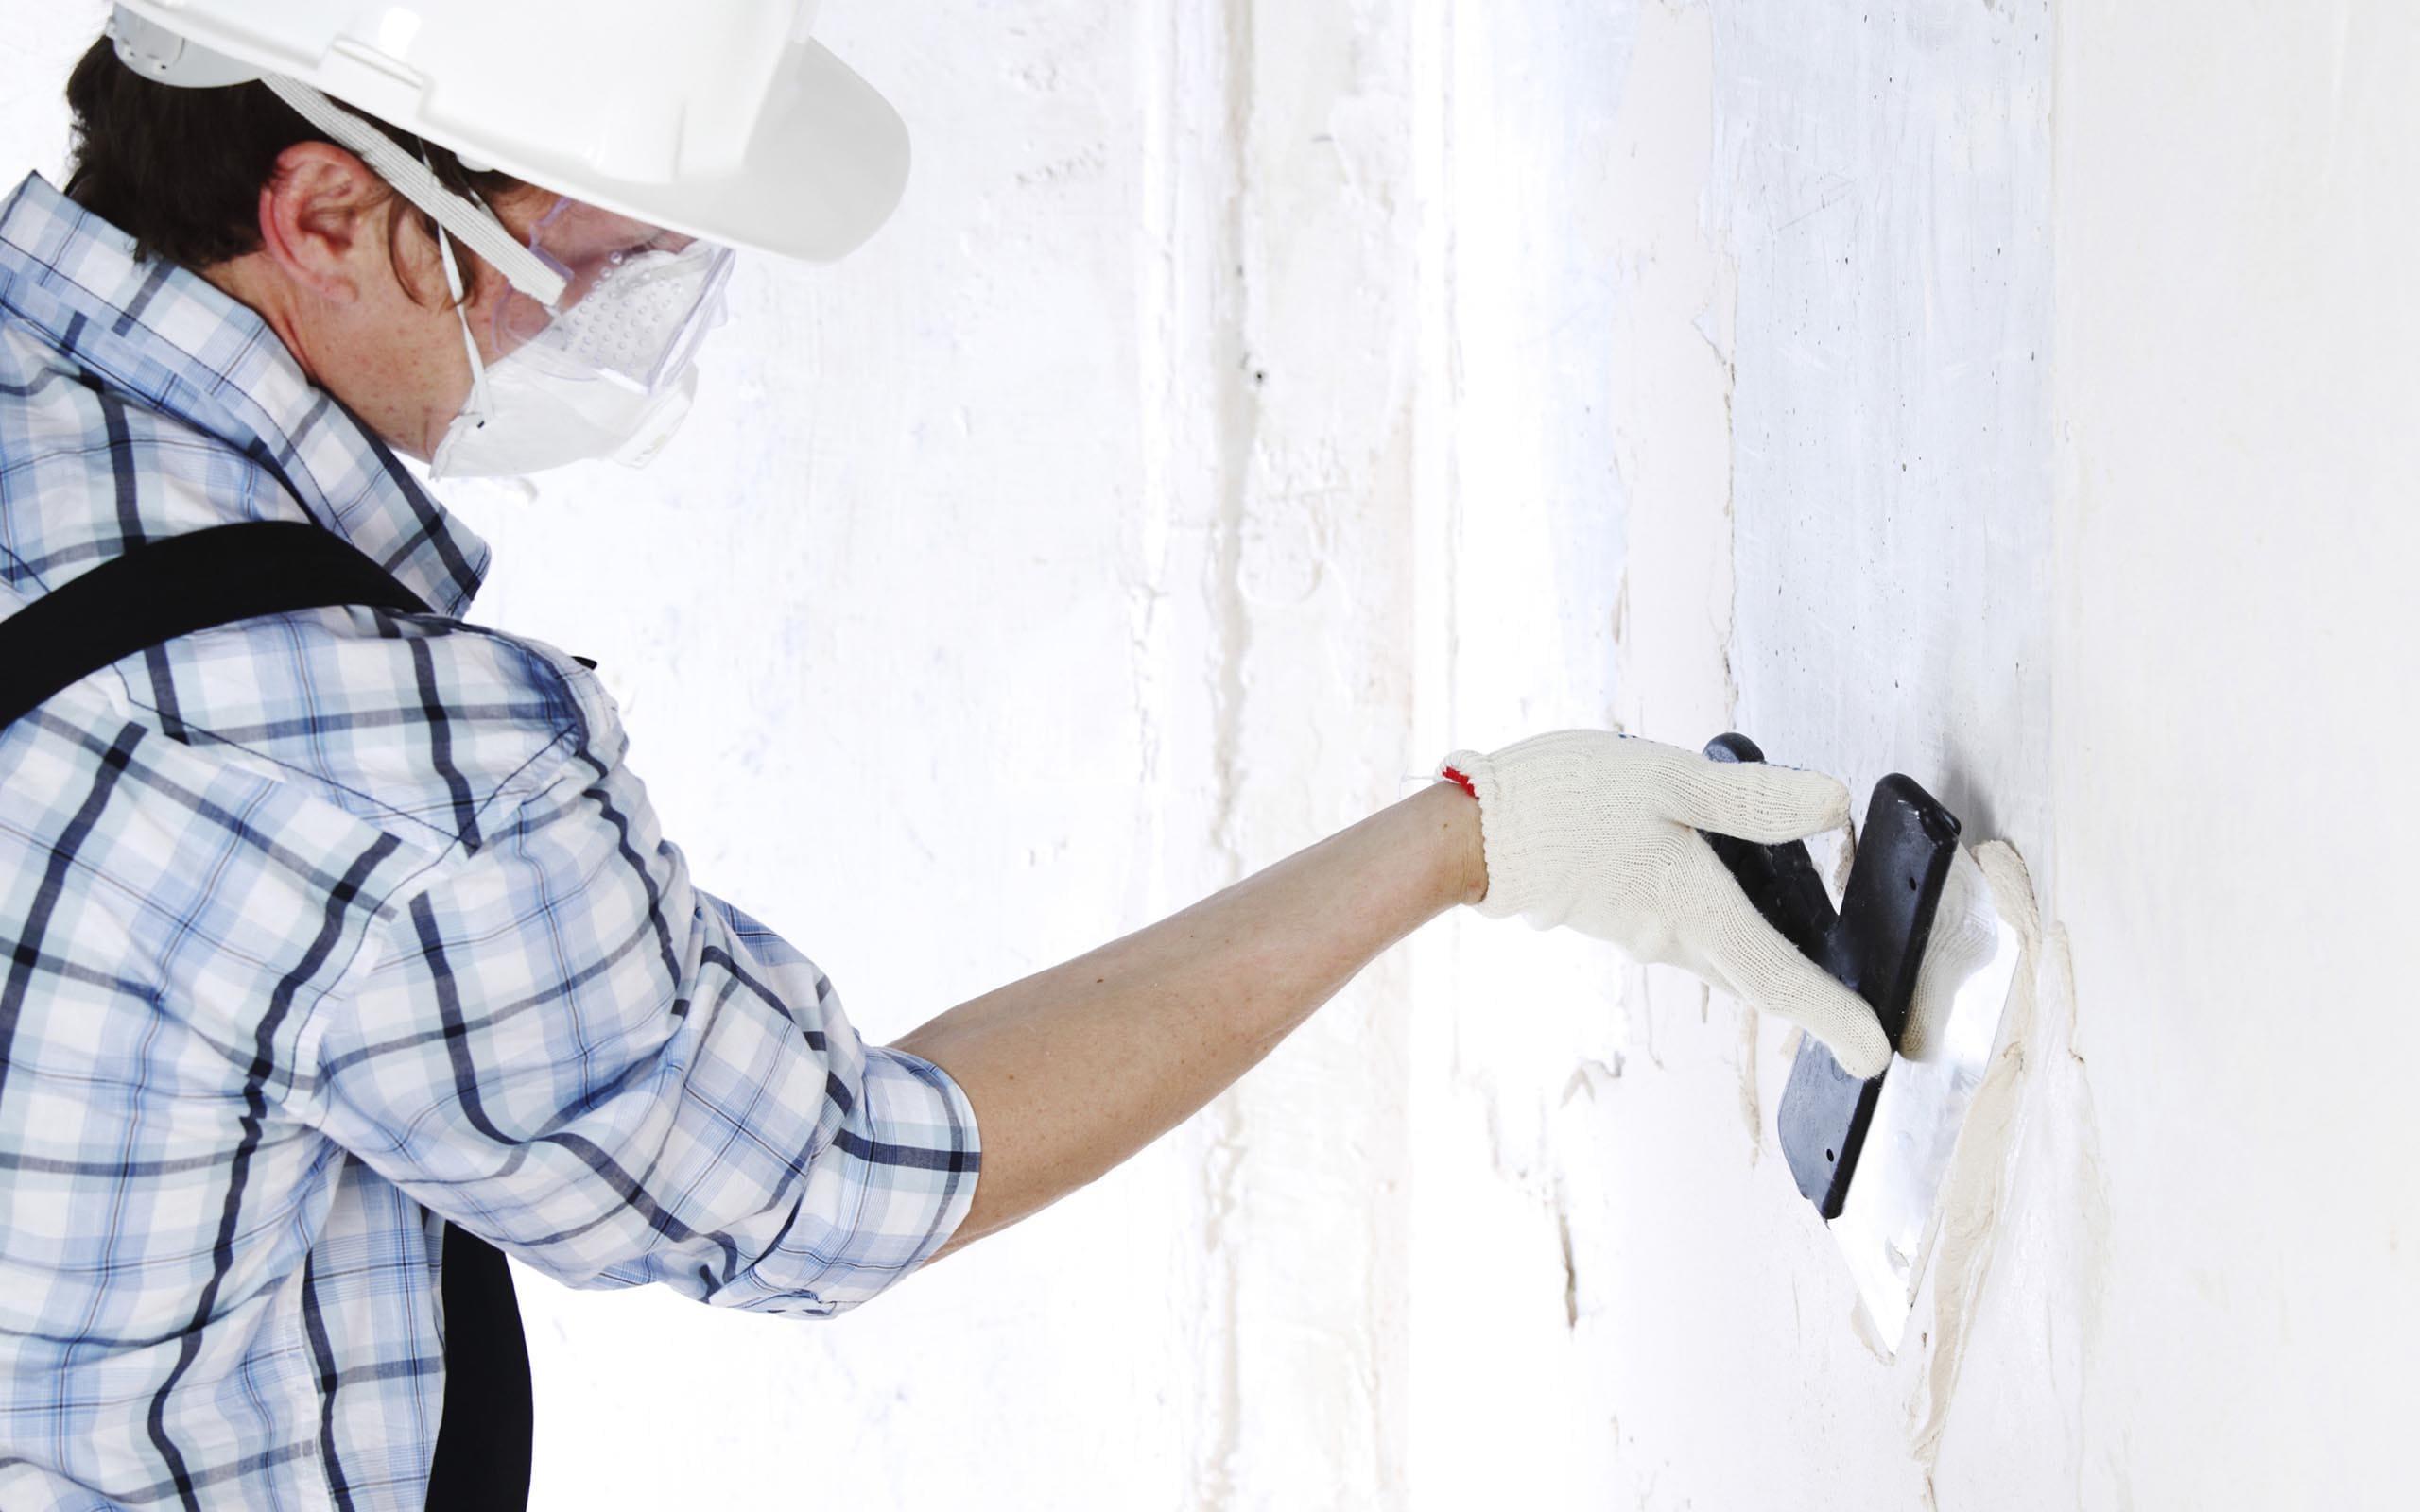 Декоративная штукатурка - лучшие красивые варианты отделки стен в интерьере 161